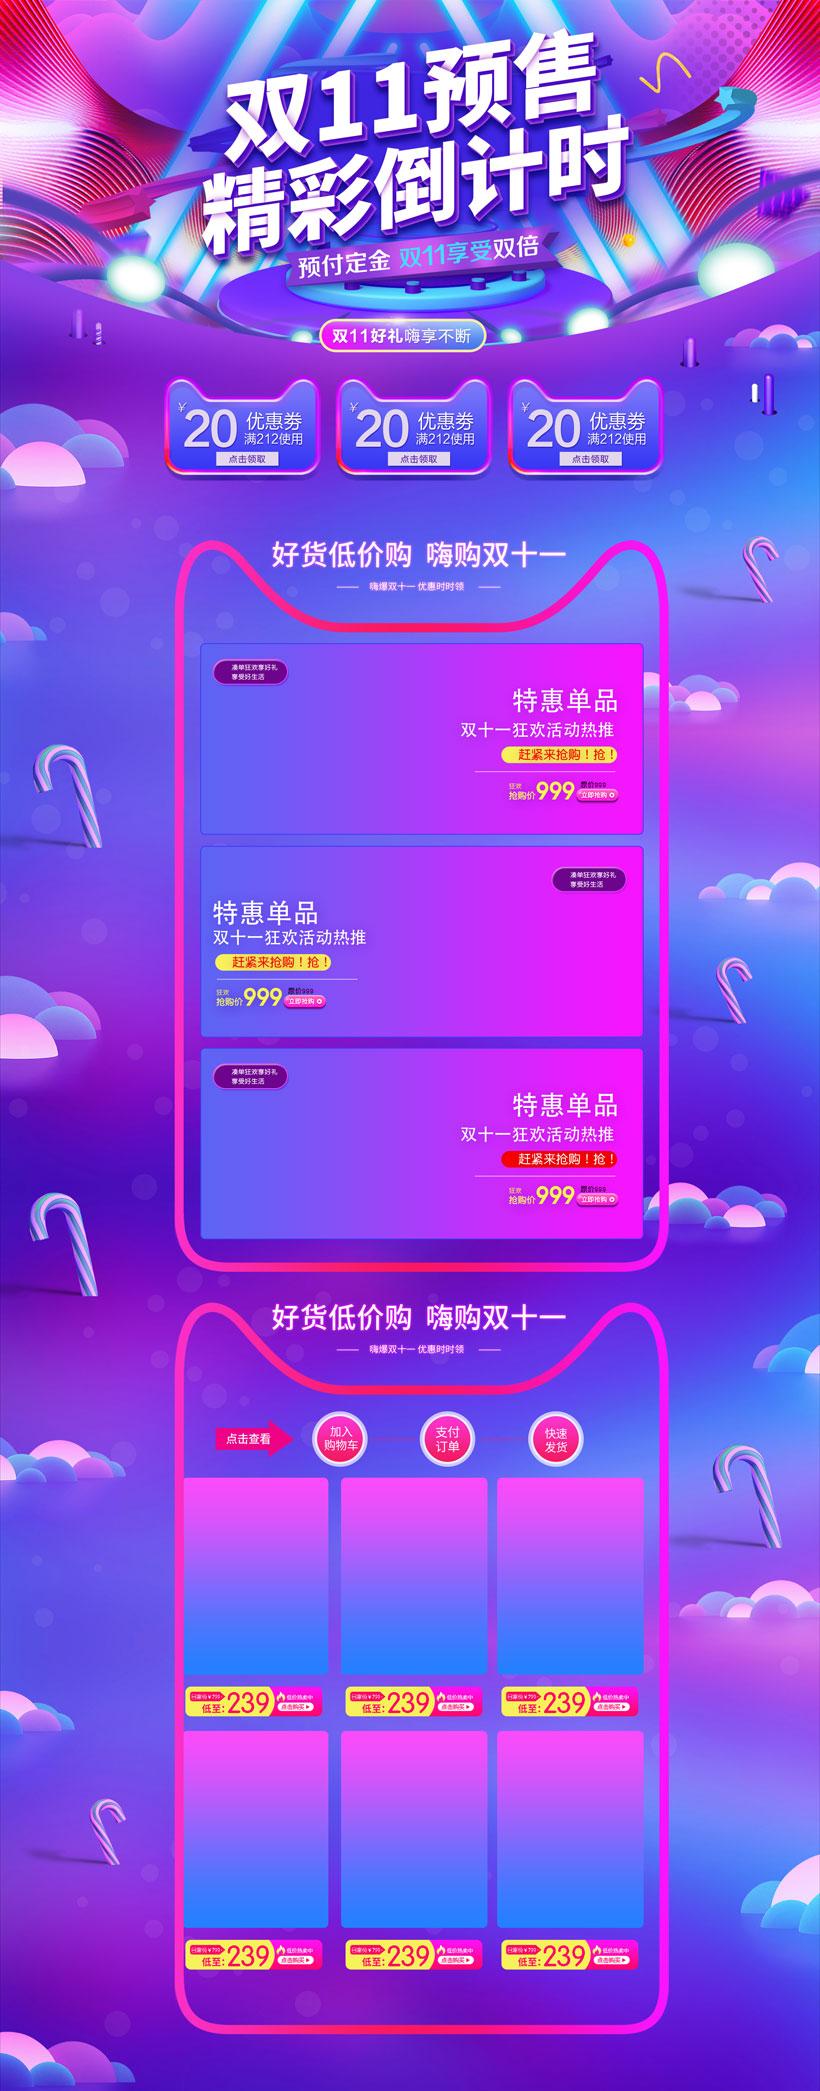 淘宝双11活动页面时时彩投注平台